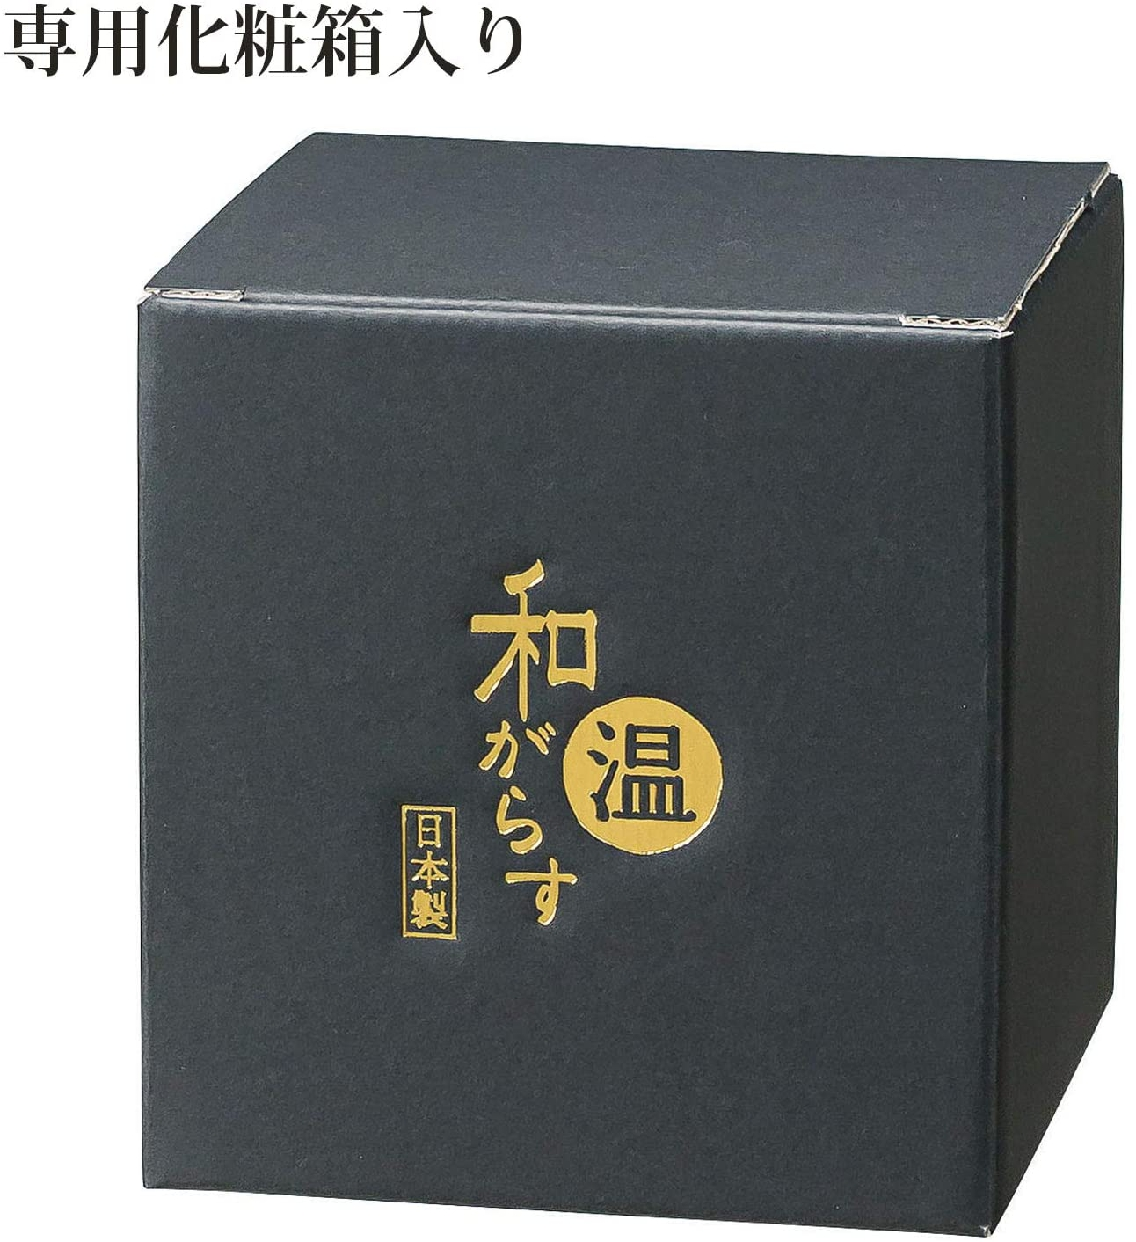 東洋佐々木ガラス(とうようささきがらす)お湯わり焼酎ぐらす(琥珀・金箔) 42130TS-G-WGABの商品画像6